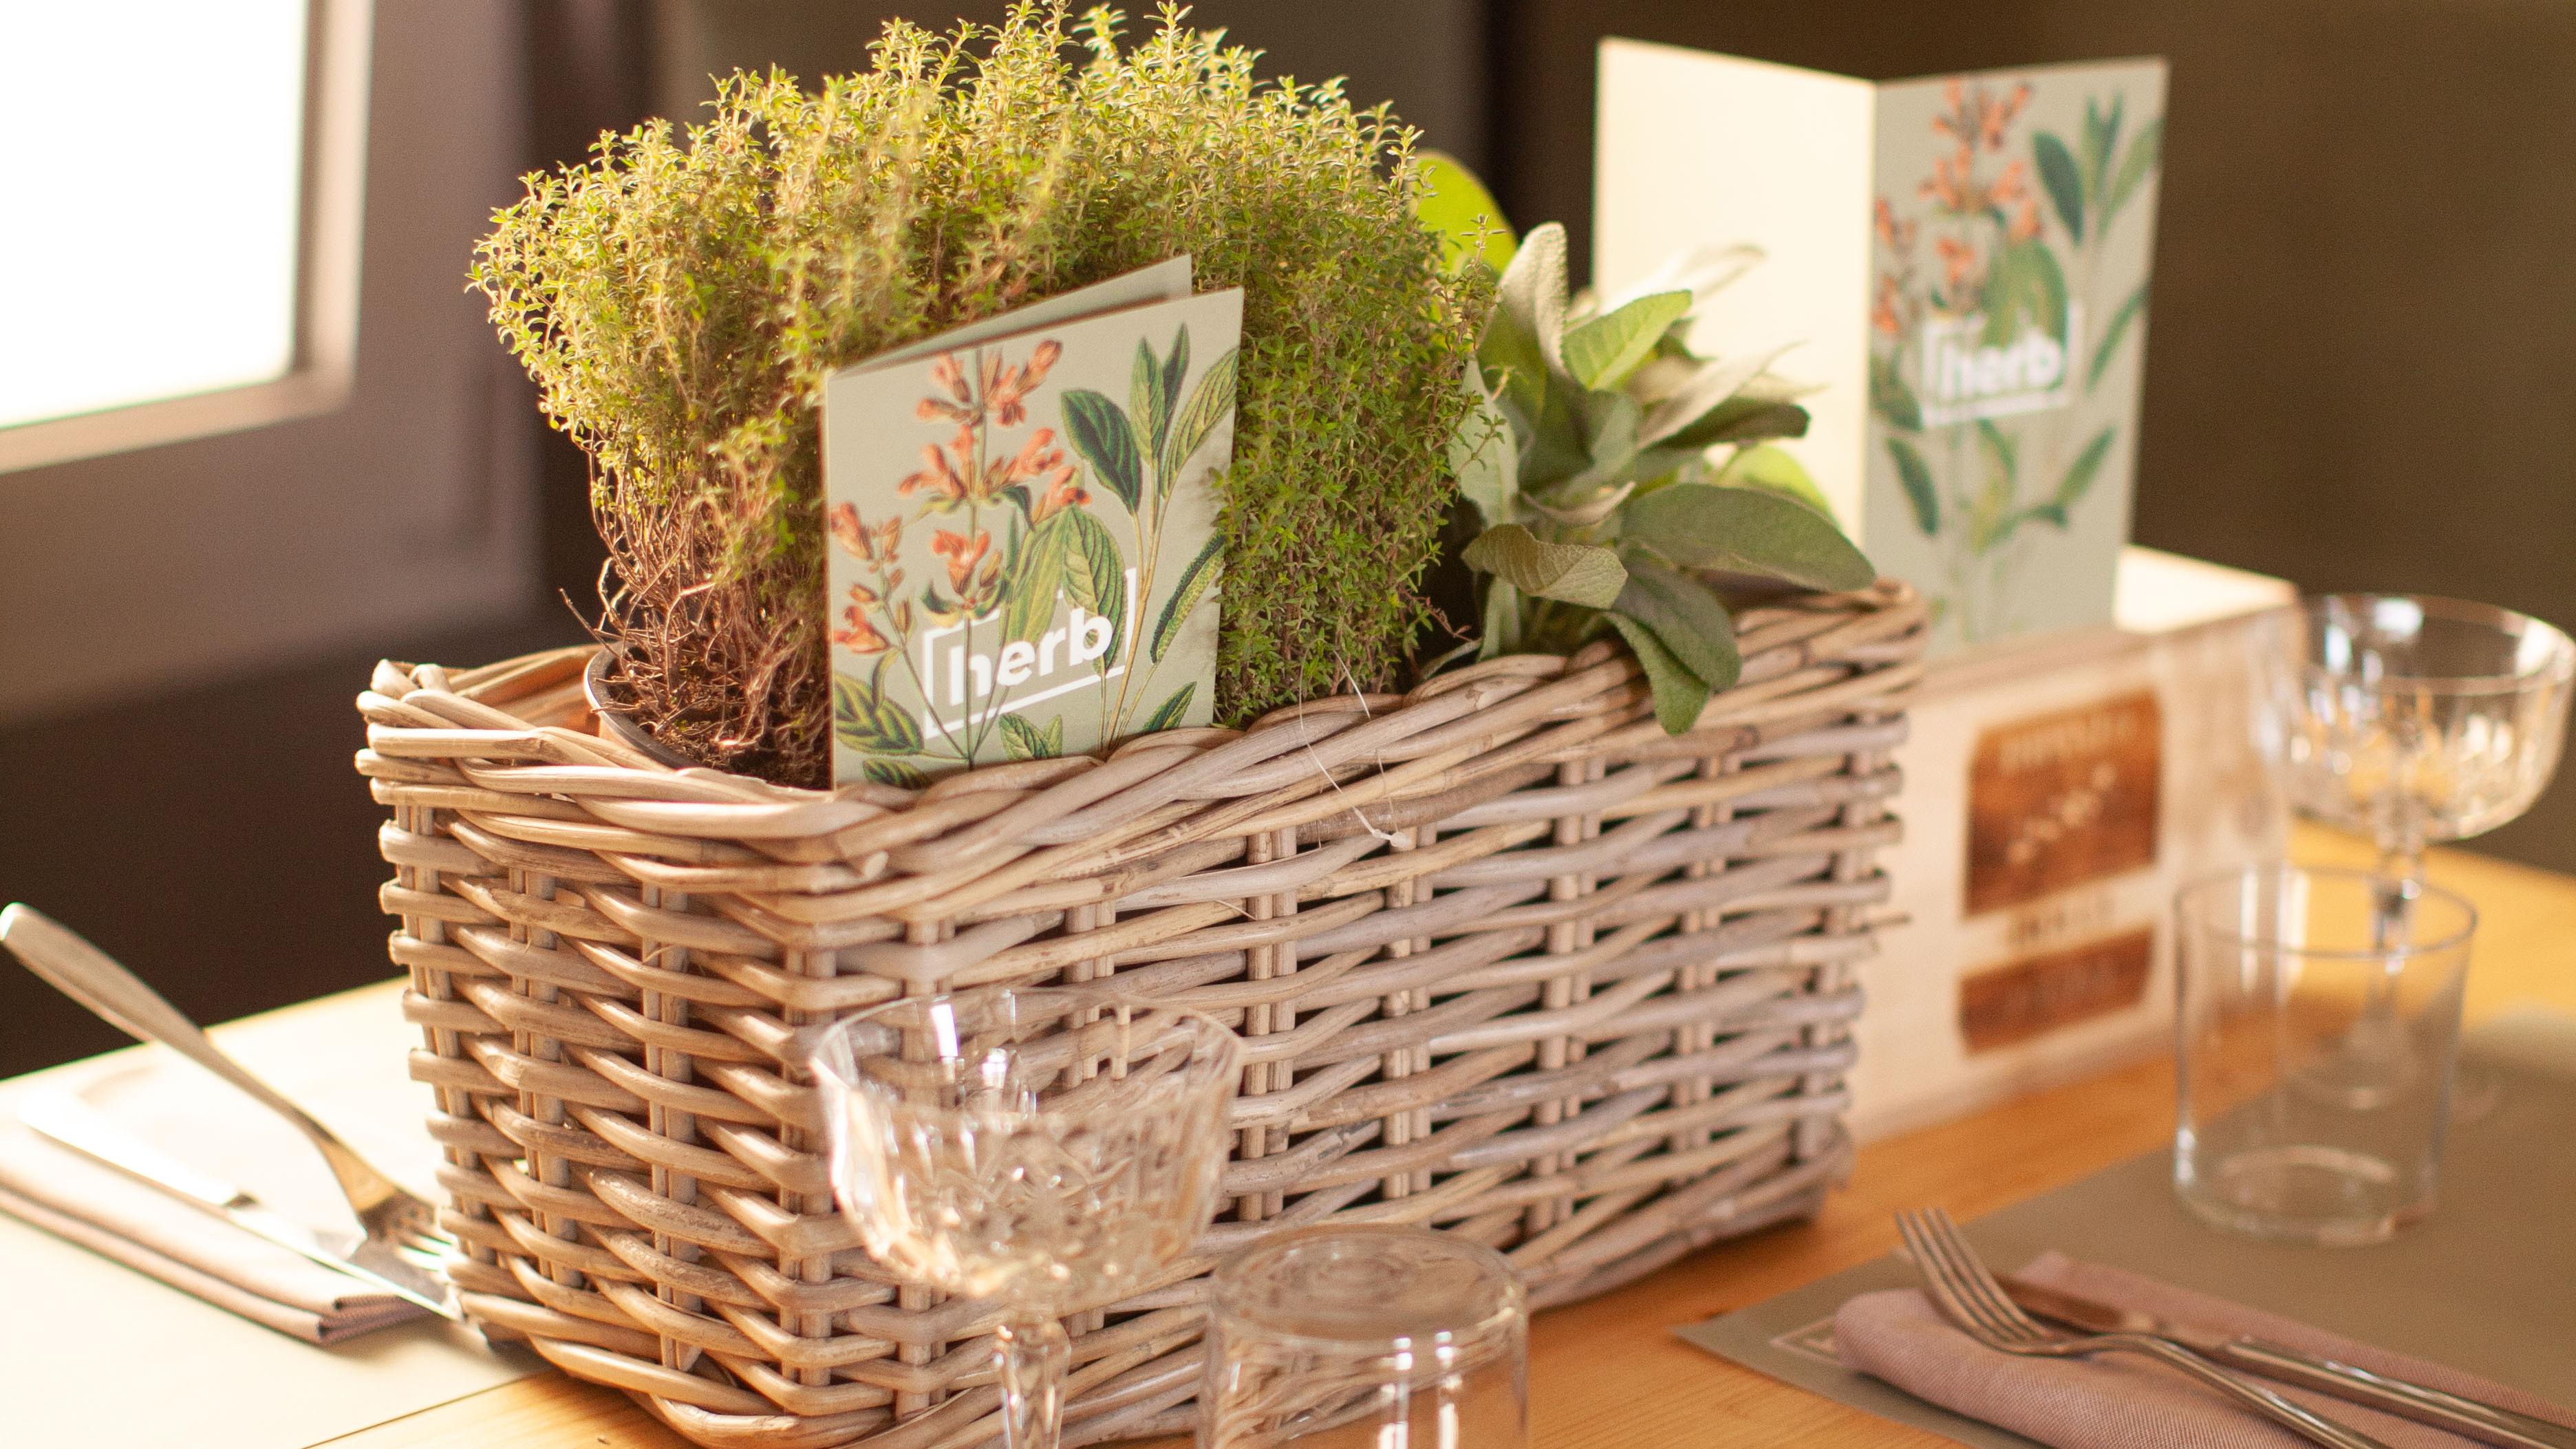 erbe aromatiche salvia timo sala tavolo